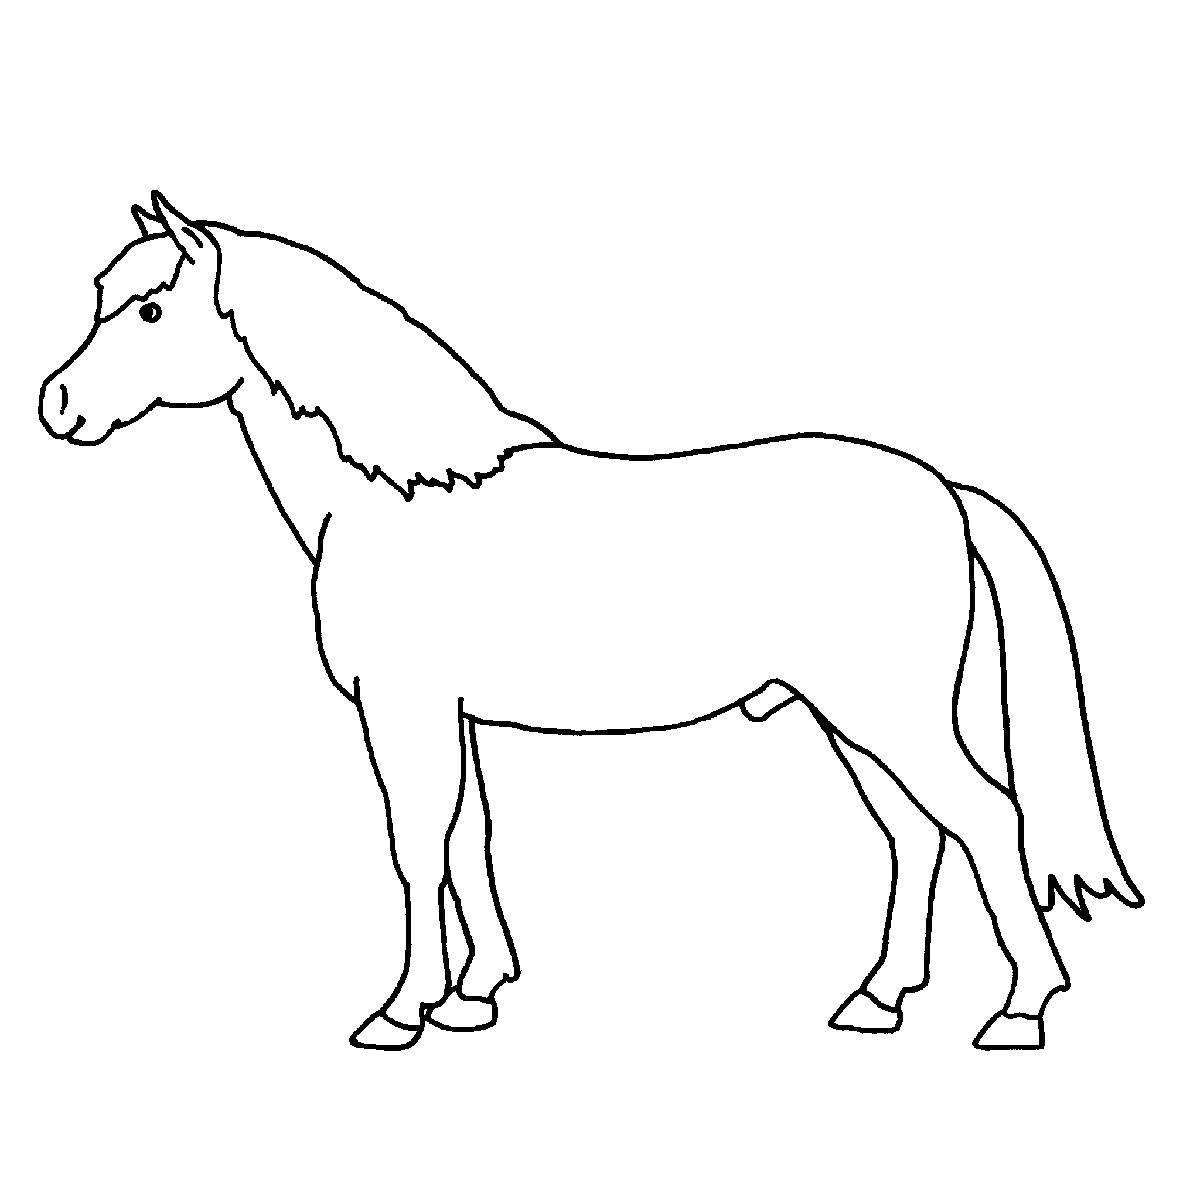 Malvorlagen Bauernhof Pferd in 8  Malvorlagen pferde